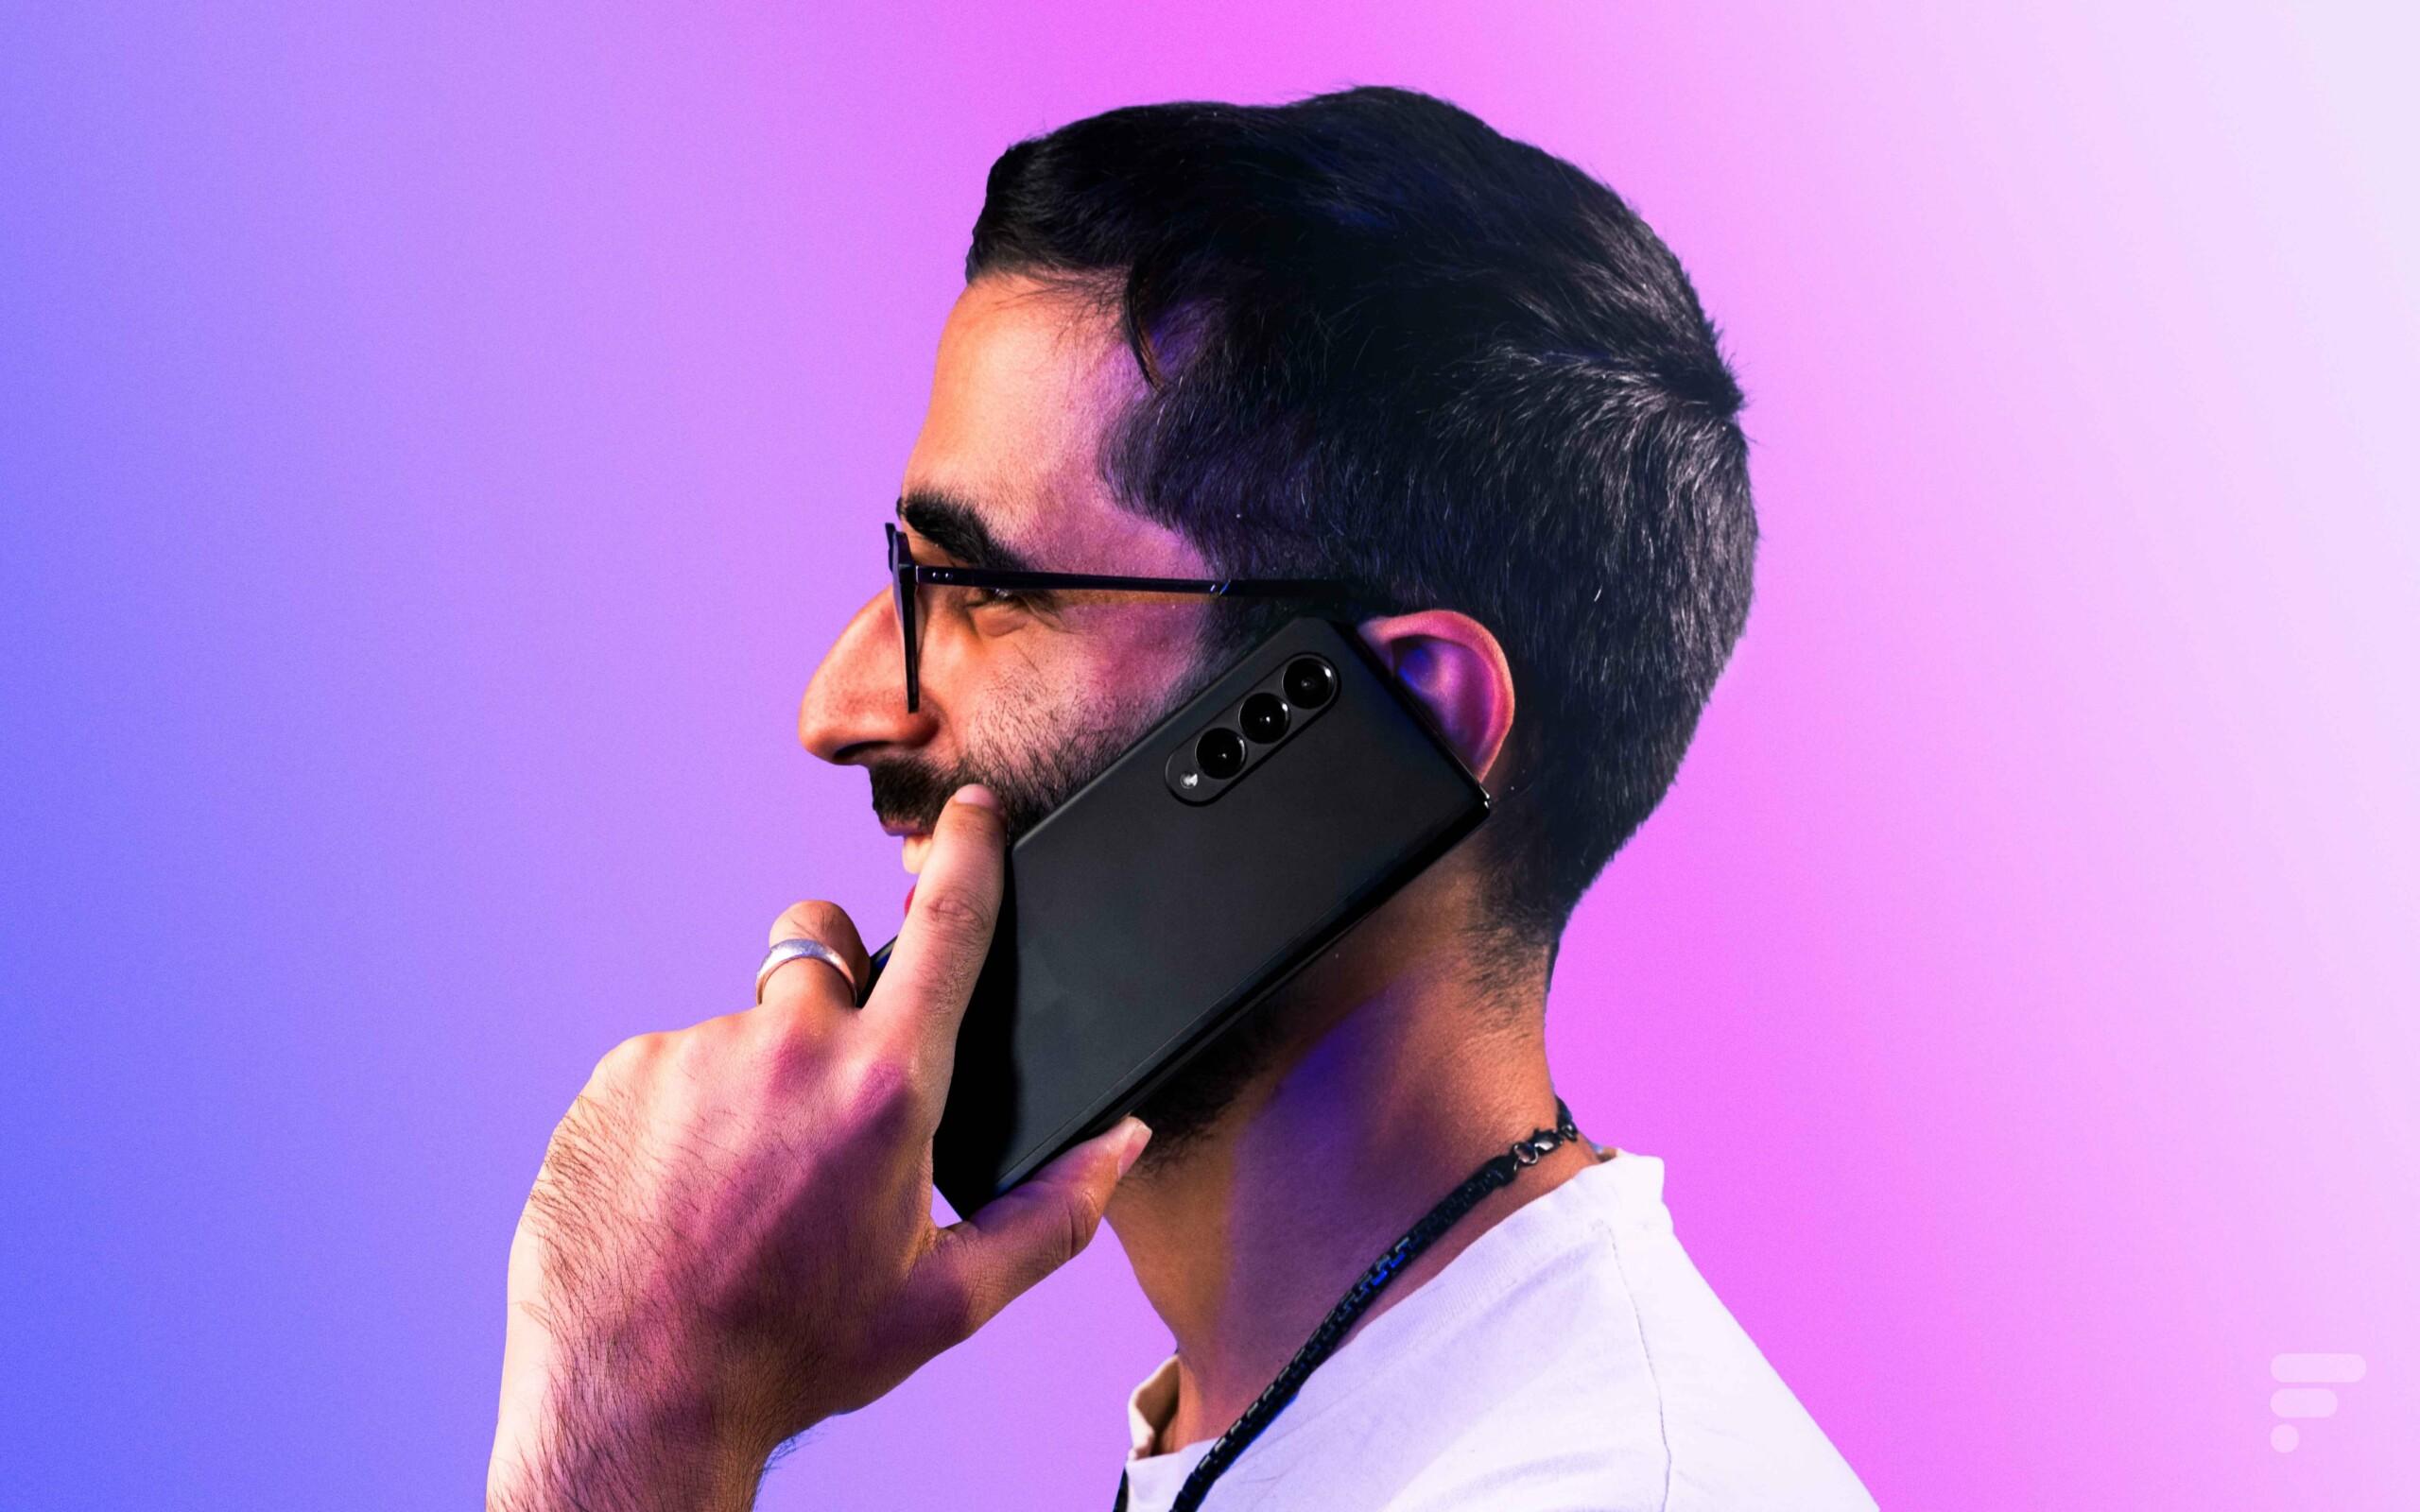 Et vous, quel est votre opérateur téléphonique ?